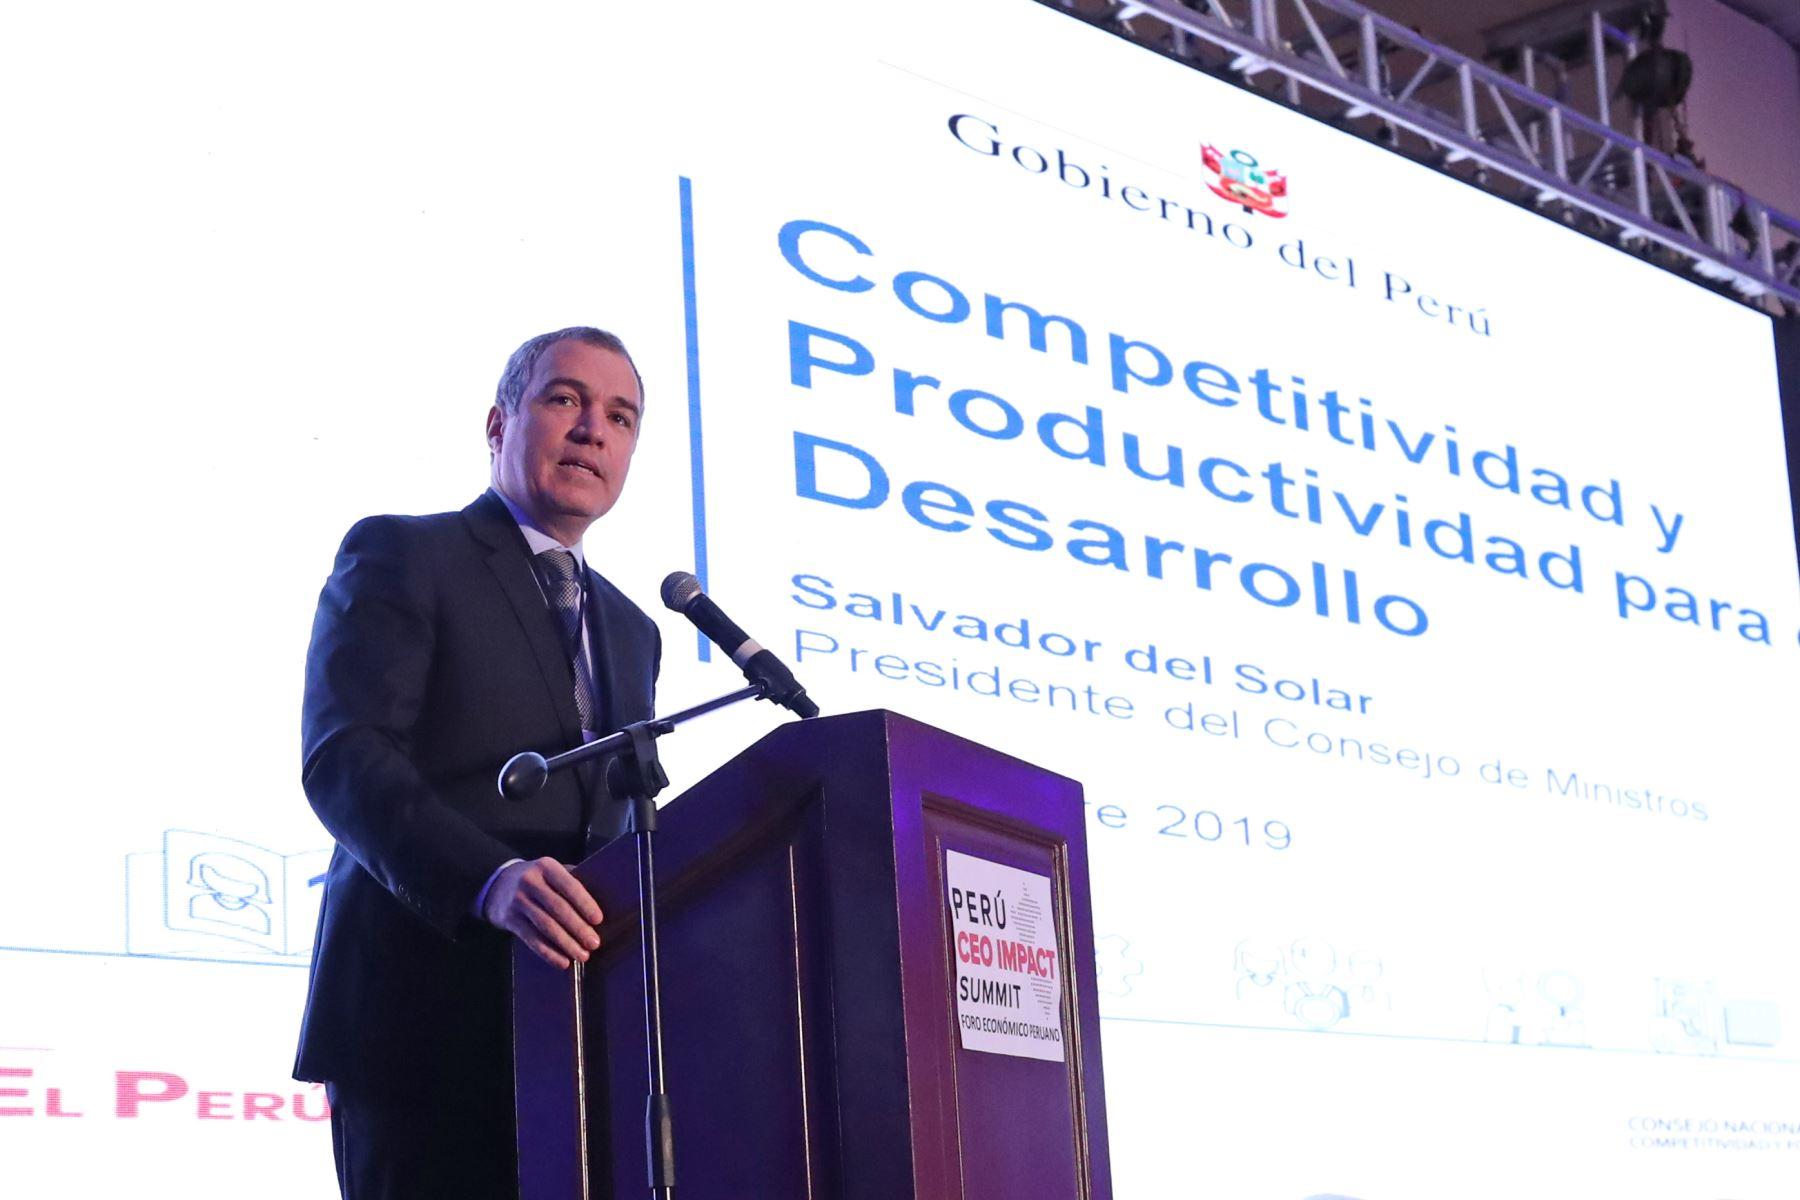 """El presidente del Consejo de Ministros, Salvador del Solar, participa en la apertura del Perú CEO Impact Summit, con la exposición """"Competitividad para el  desarrollo"""". Foto: ANDINA/ PCM"""